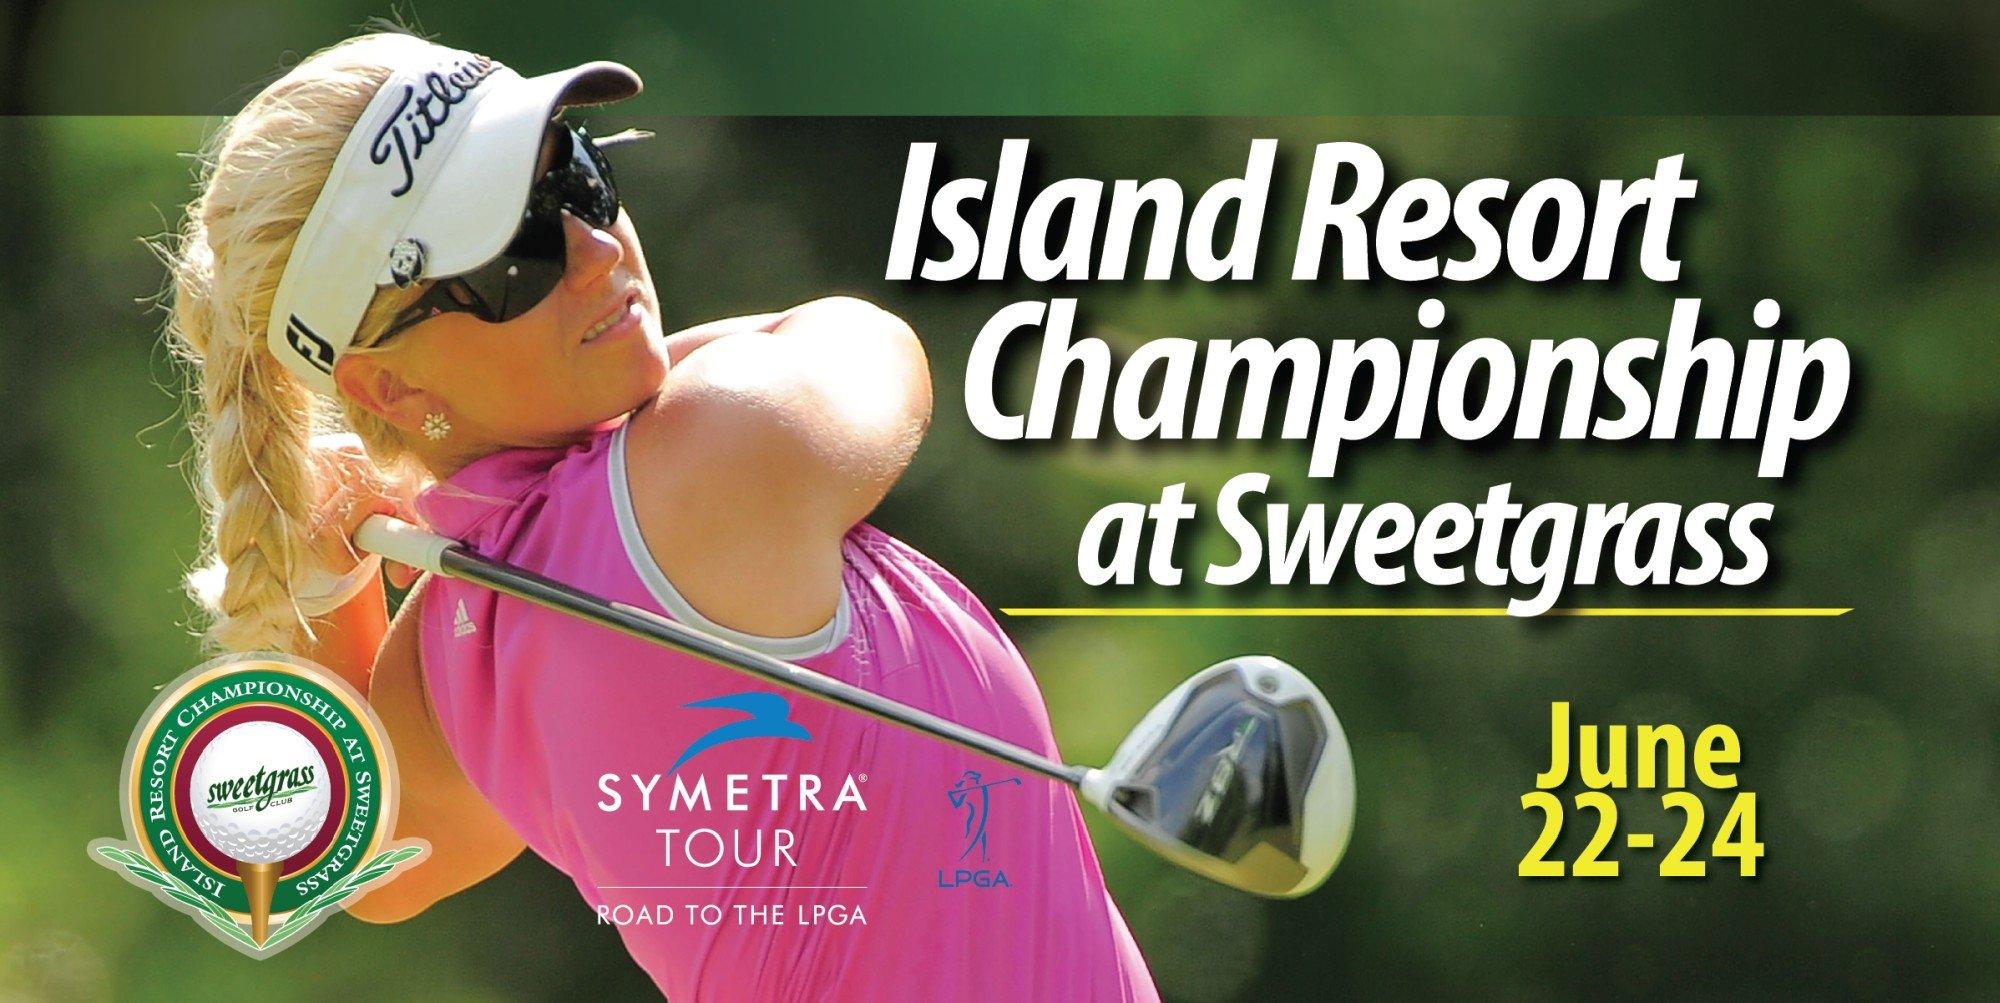 Symetra Tour – Road to the LPGA at Sweetgrass